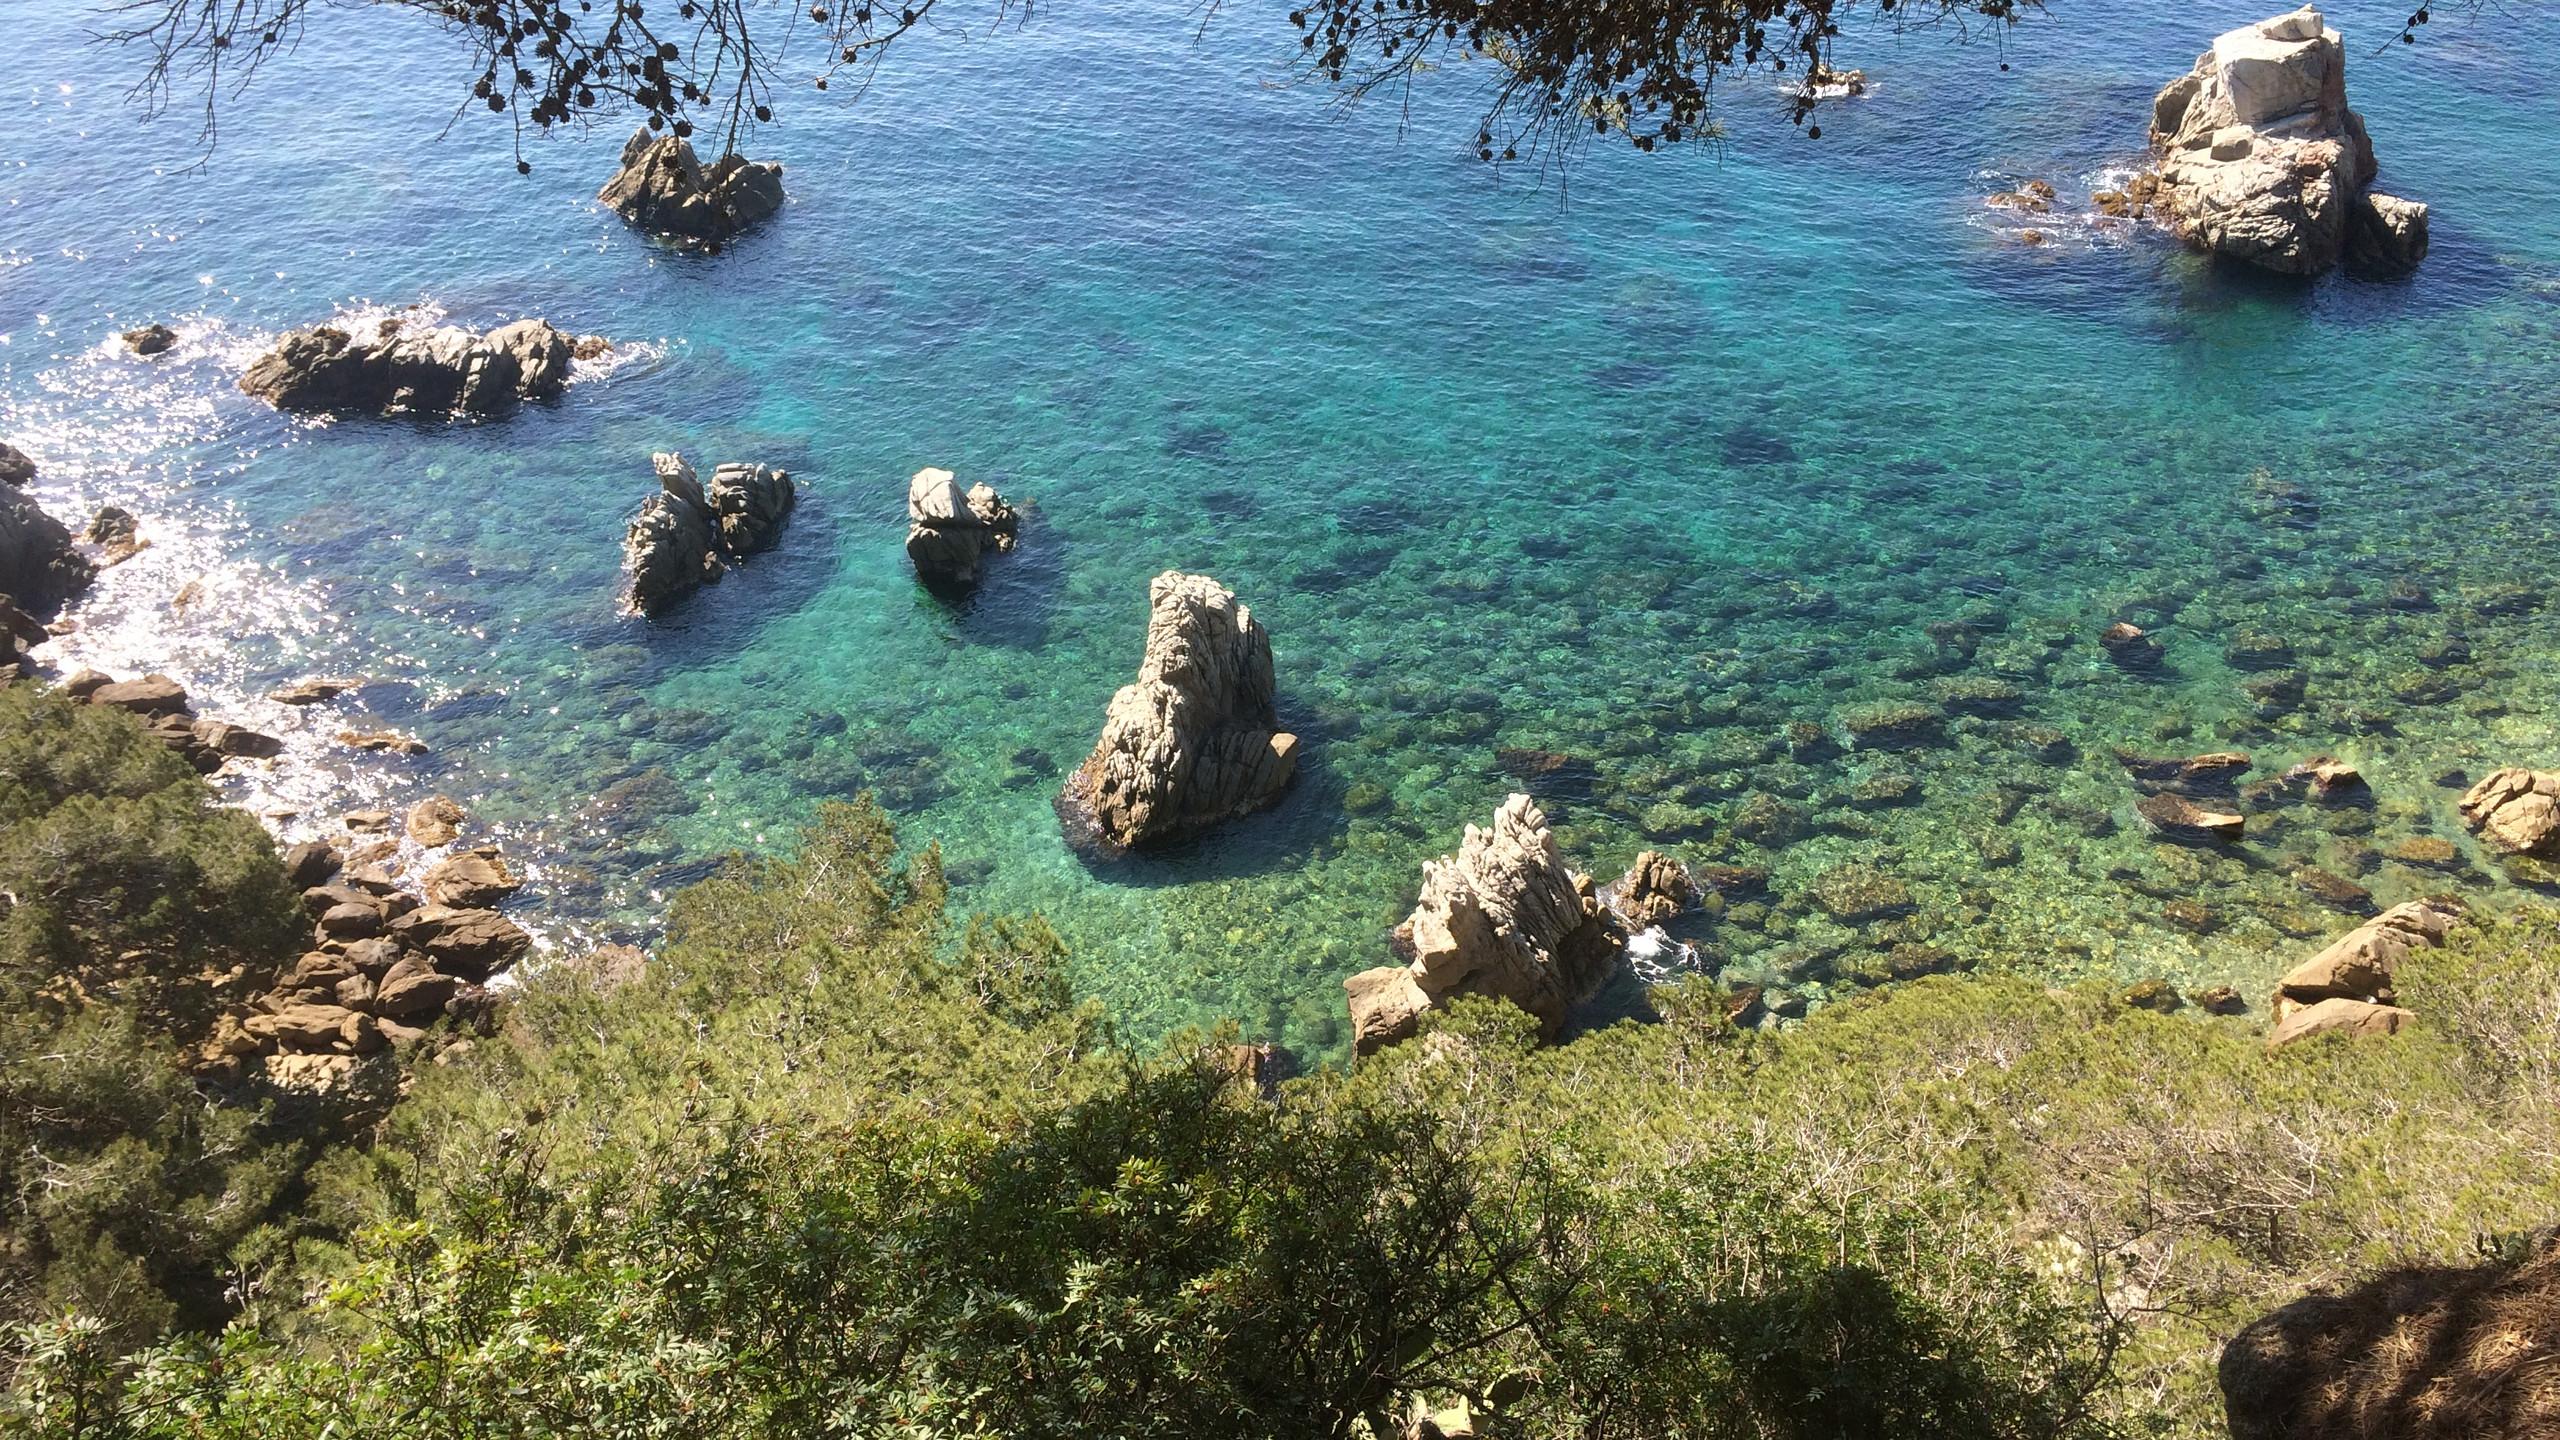 un recorrido que discurre por el antiguo camino de ronda que bordea el litoral de la Costa Brava